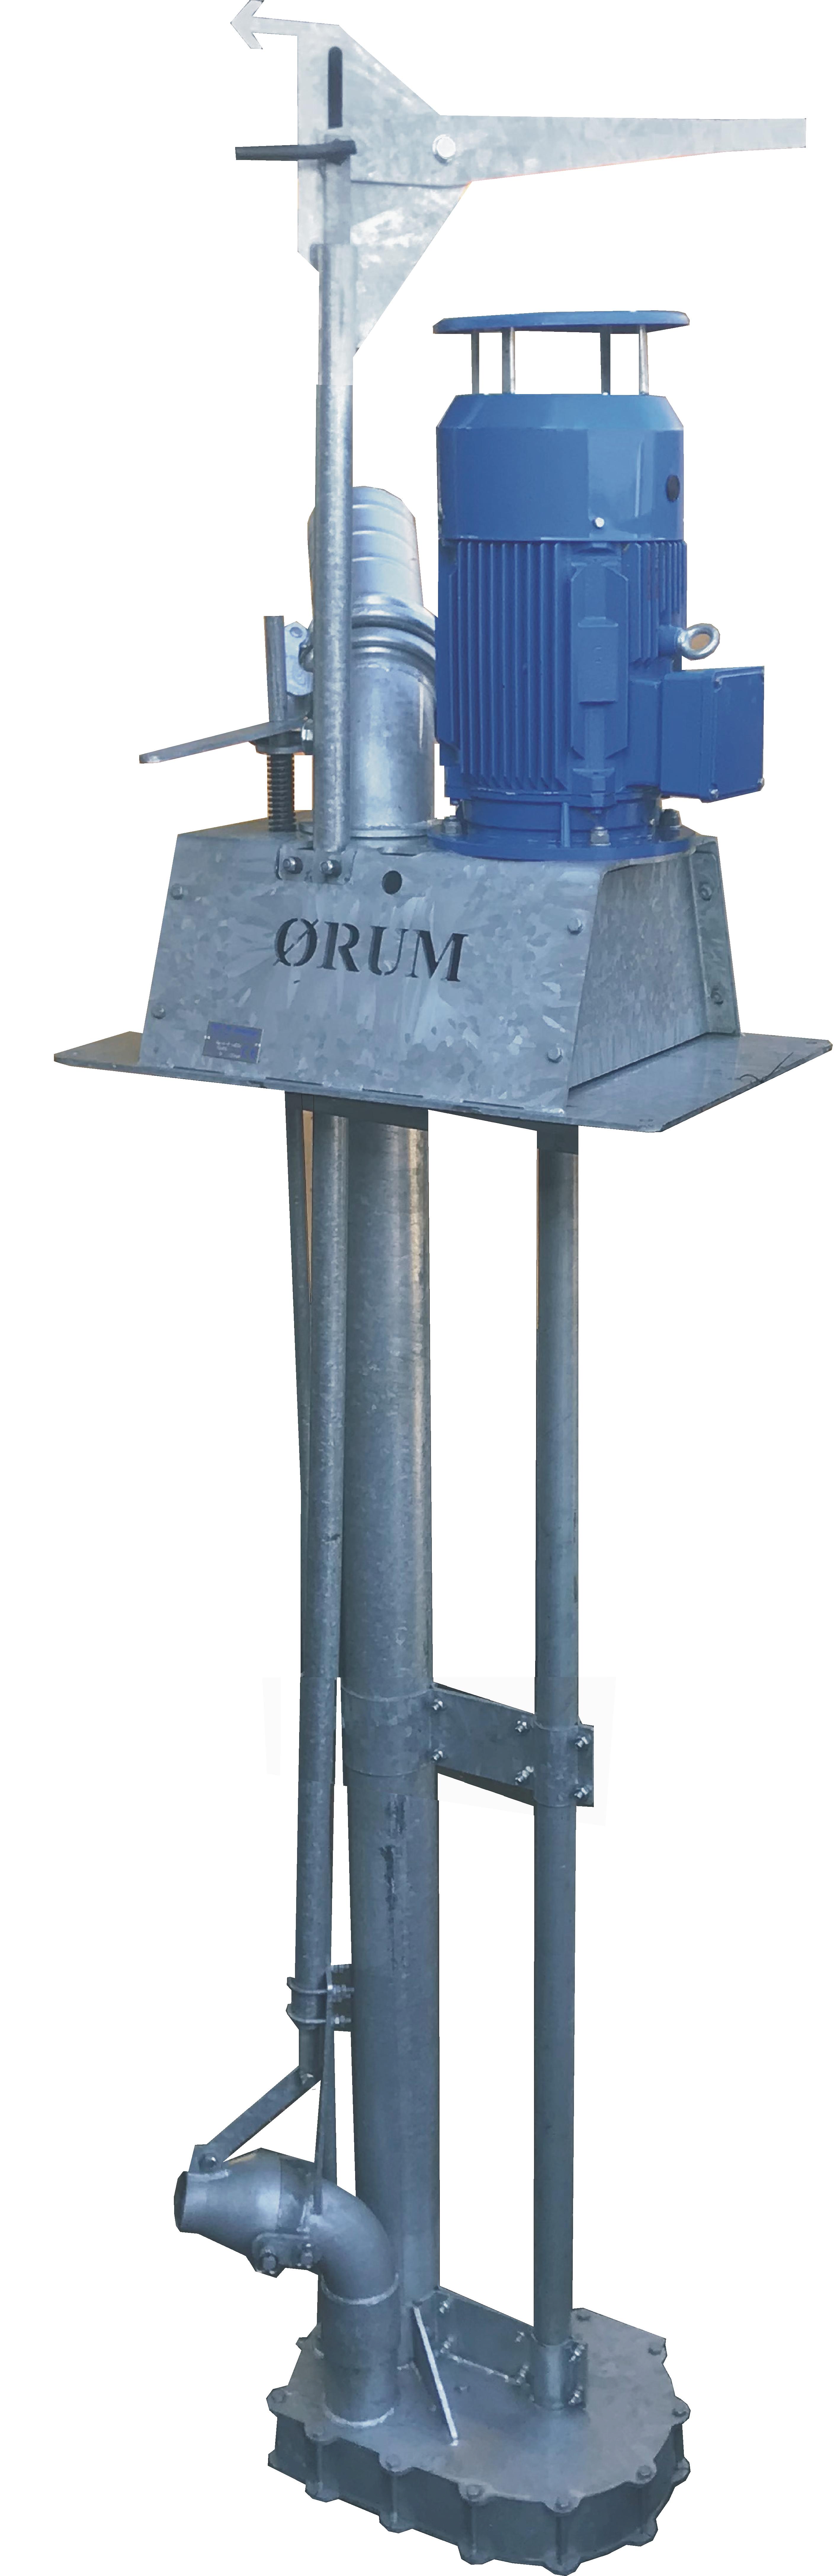 ØRUM GP16 Gyllepumpe